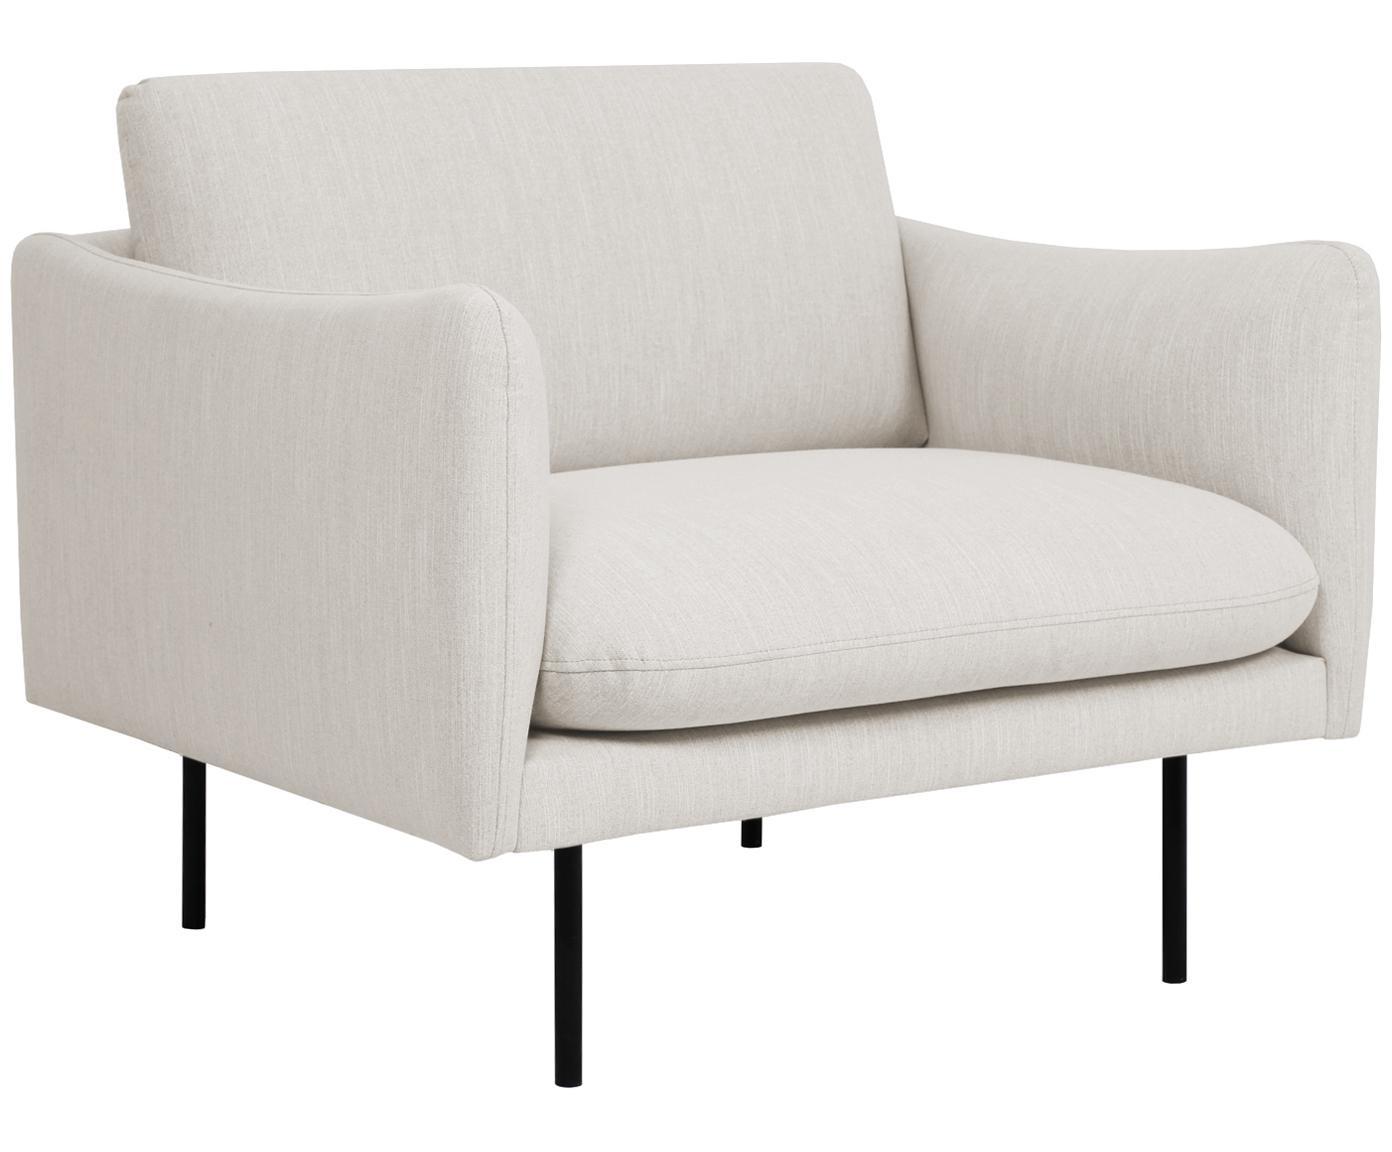 Fauteuil Moby, Bekleding: polyester, Frame: massief grenenhout, Poten: gepoedercoat metaal, Beige, B 90 x D 90 cm